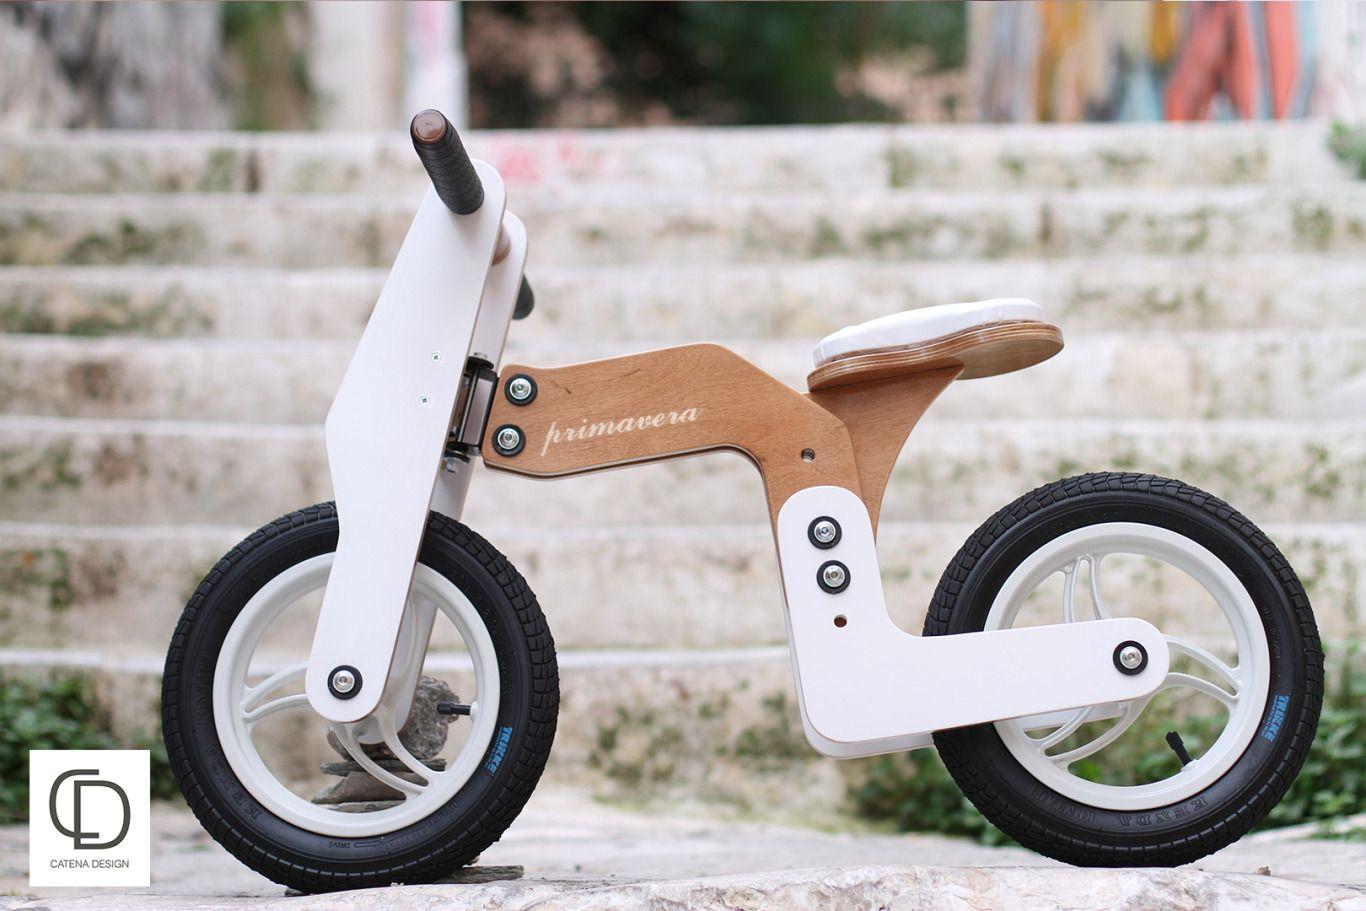 primavera balance bike